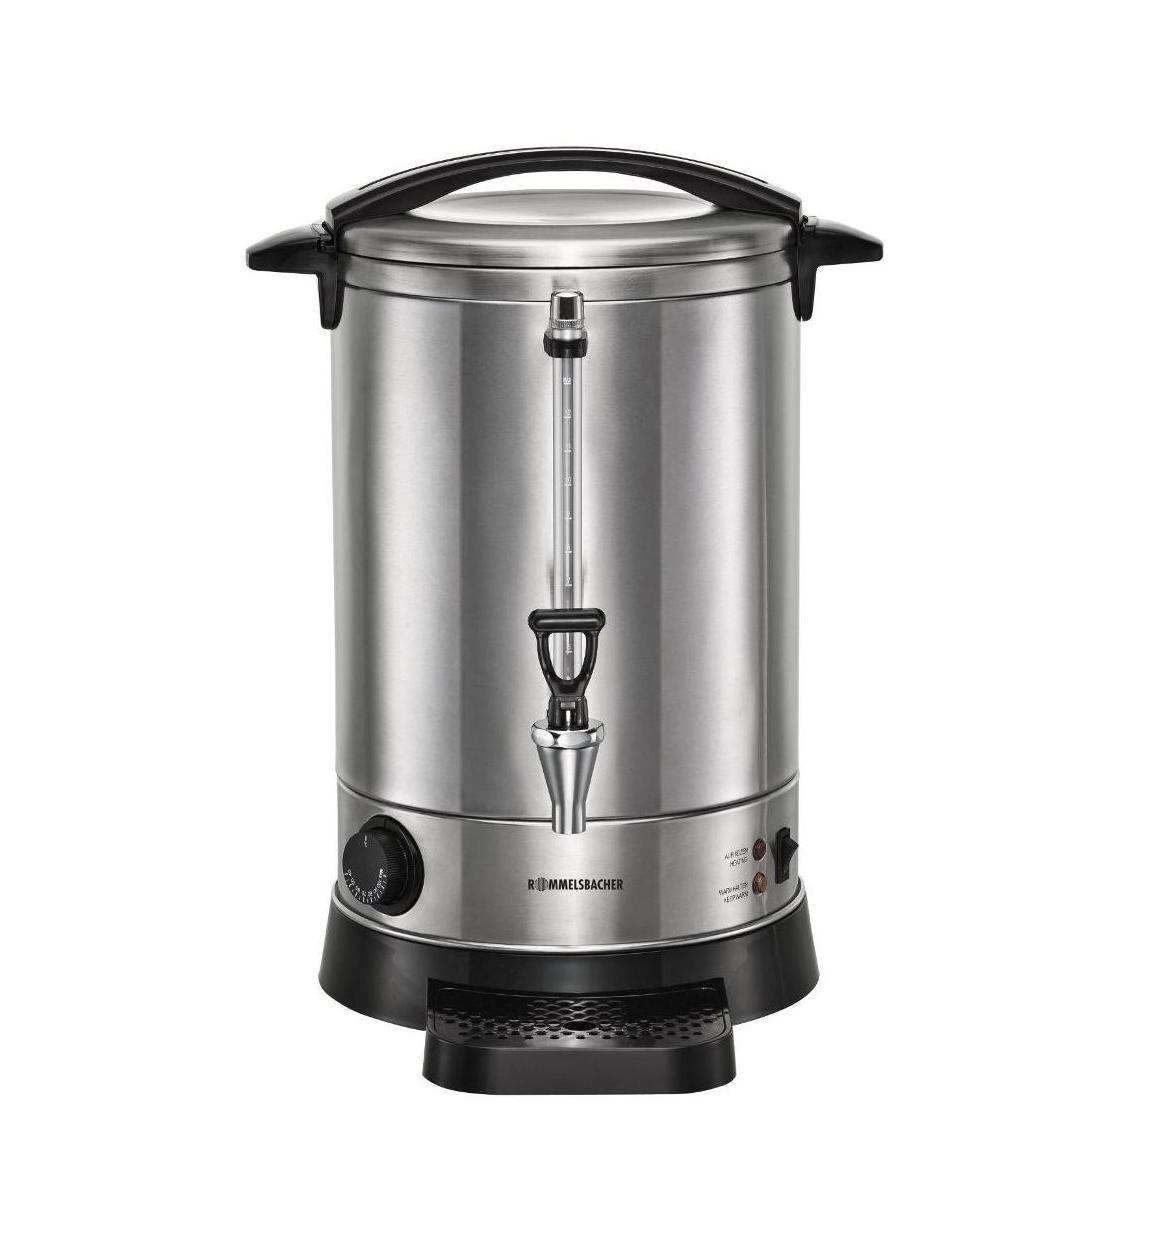 Rommelsbacher GA 1700 термопотGA 1700Идеальный спутник для зимних праздников и фестивалей - порция горячего глинтвейна, пунша, чай, кофе и многое другое. Температуру напитка можно плавно регулировать, и беспосредственно наливать в чашку благодаря качественному сливному крану. Надежный бак с двойными стенками из нержавеющей стали является стильным и легко моется; он обеспечивает лучший тепловой изоляции и энергосберегающие операции. Индикатора уровня воды всегда в поле зрения. Привлекательный, удобный прибор, для которого можно найти широкий спектр применения